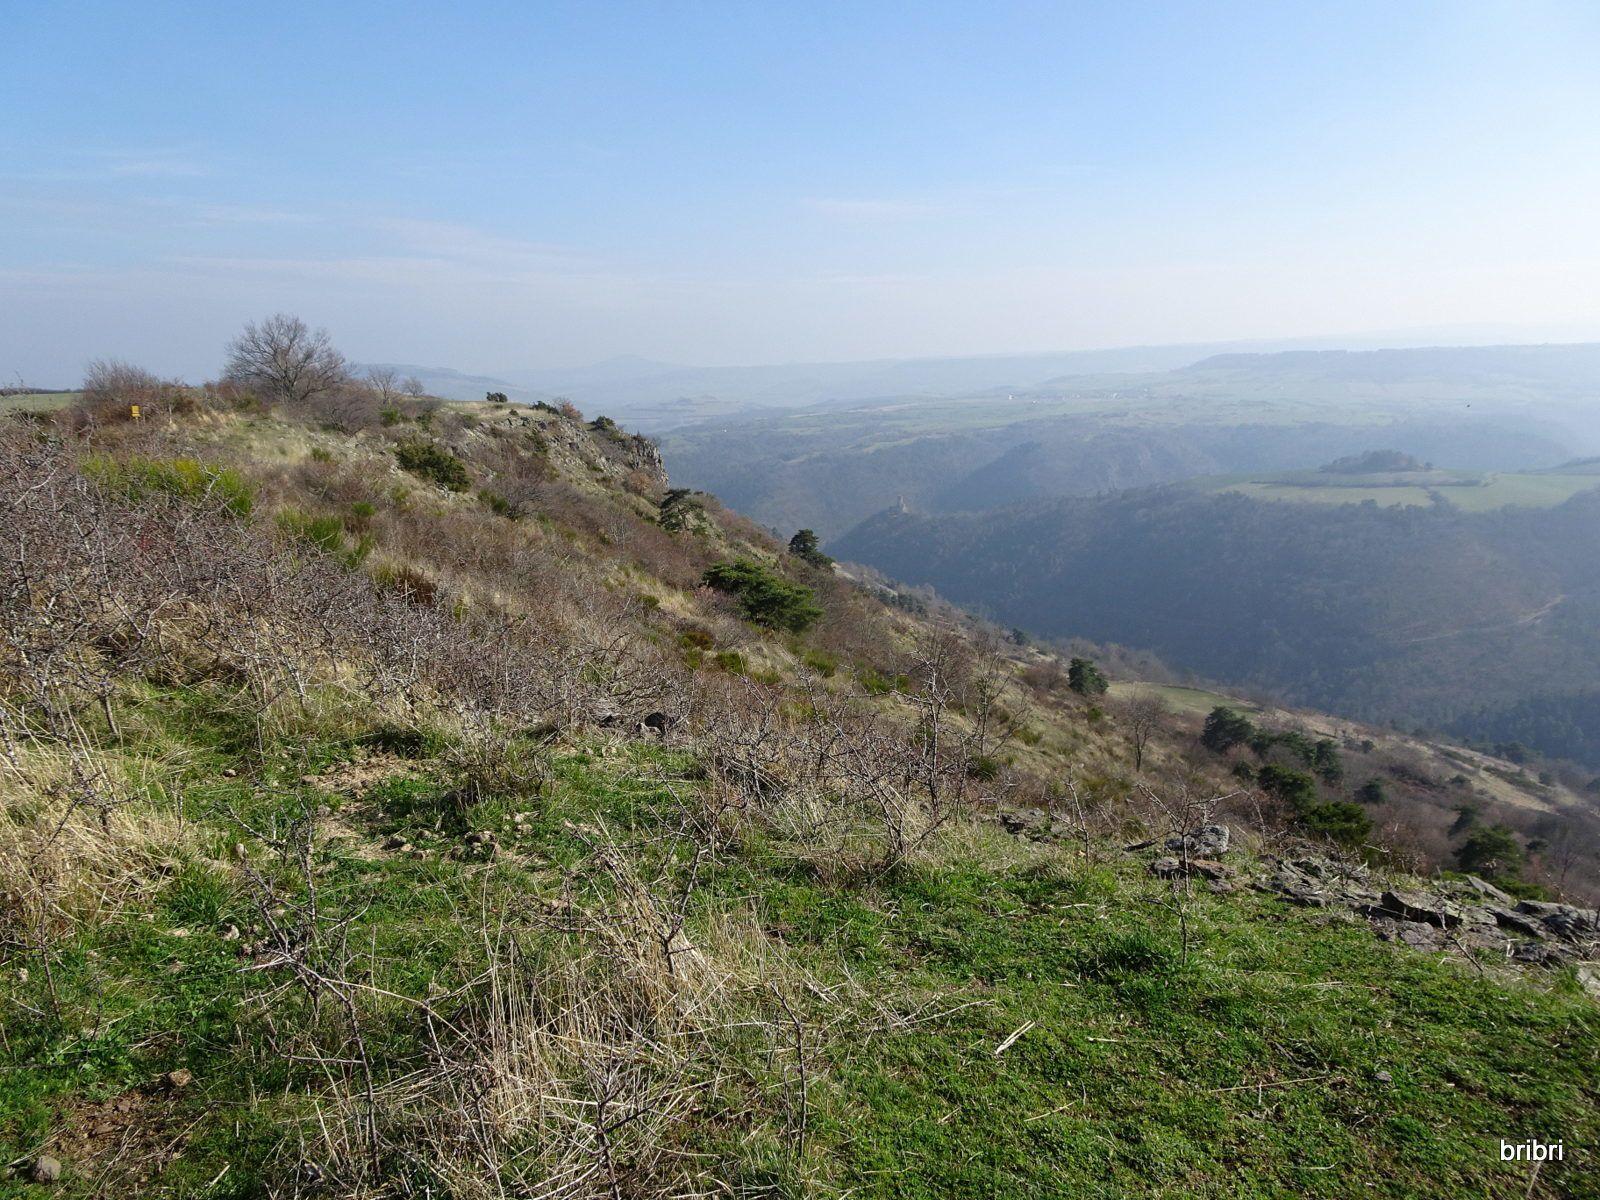 Très belle vue, dommage que se soit bouché au loin, sinon on verrait le Sancy.